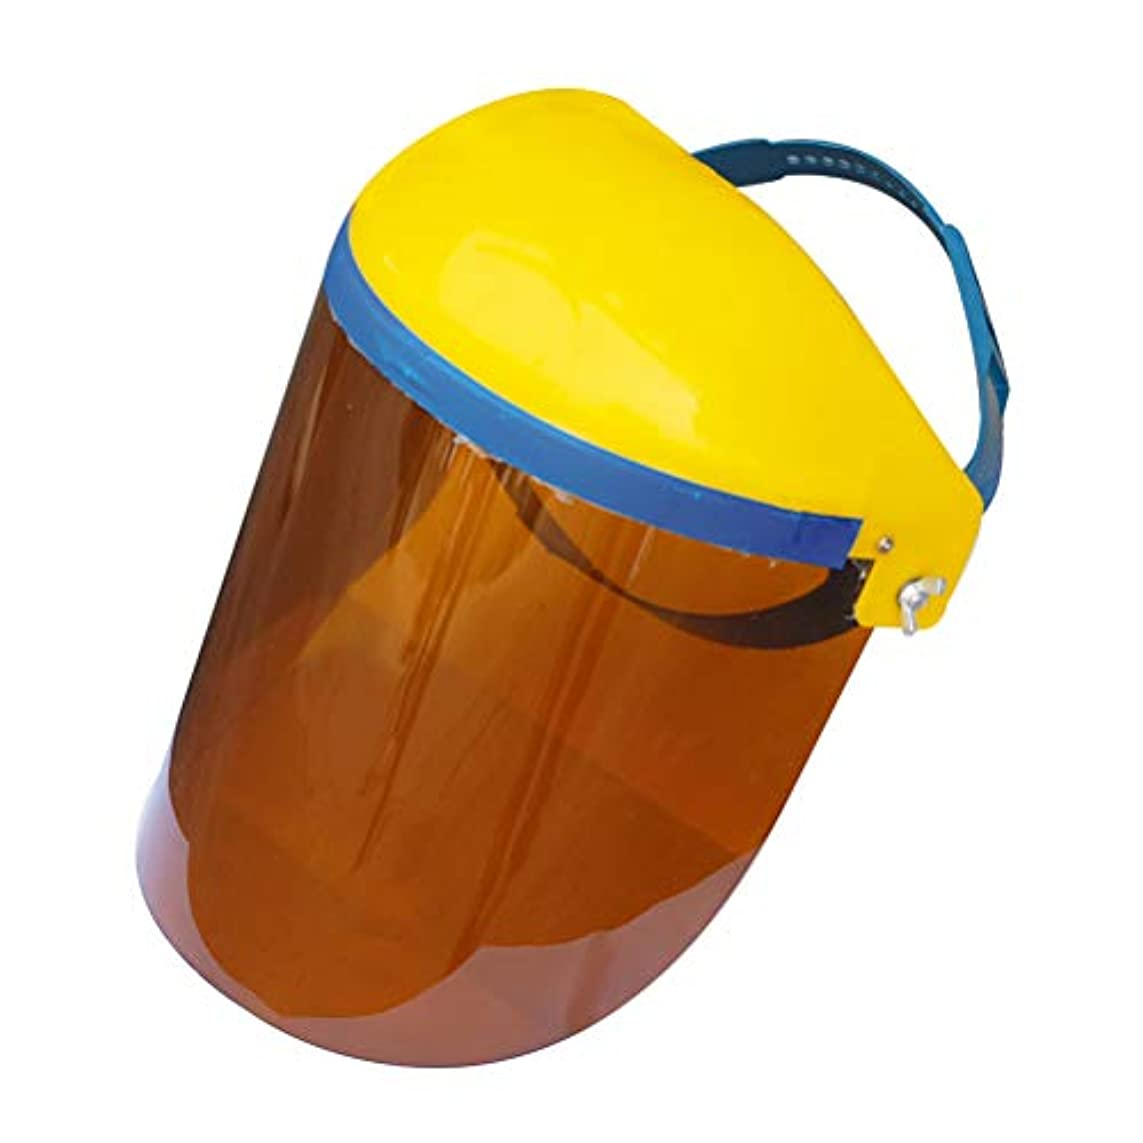 プロジェクター困惑ツーリストBESTONZON キッチン調理両面防曇防油スプラッシュクリアフェイスマスクフェイスシールドプロテクター(ブラウン)